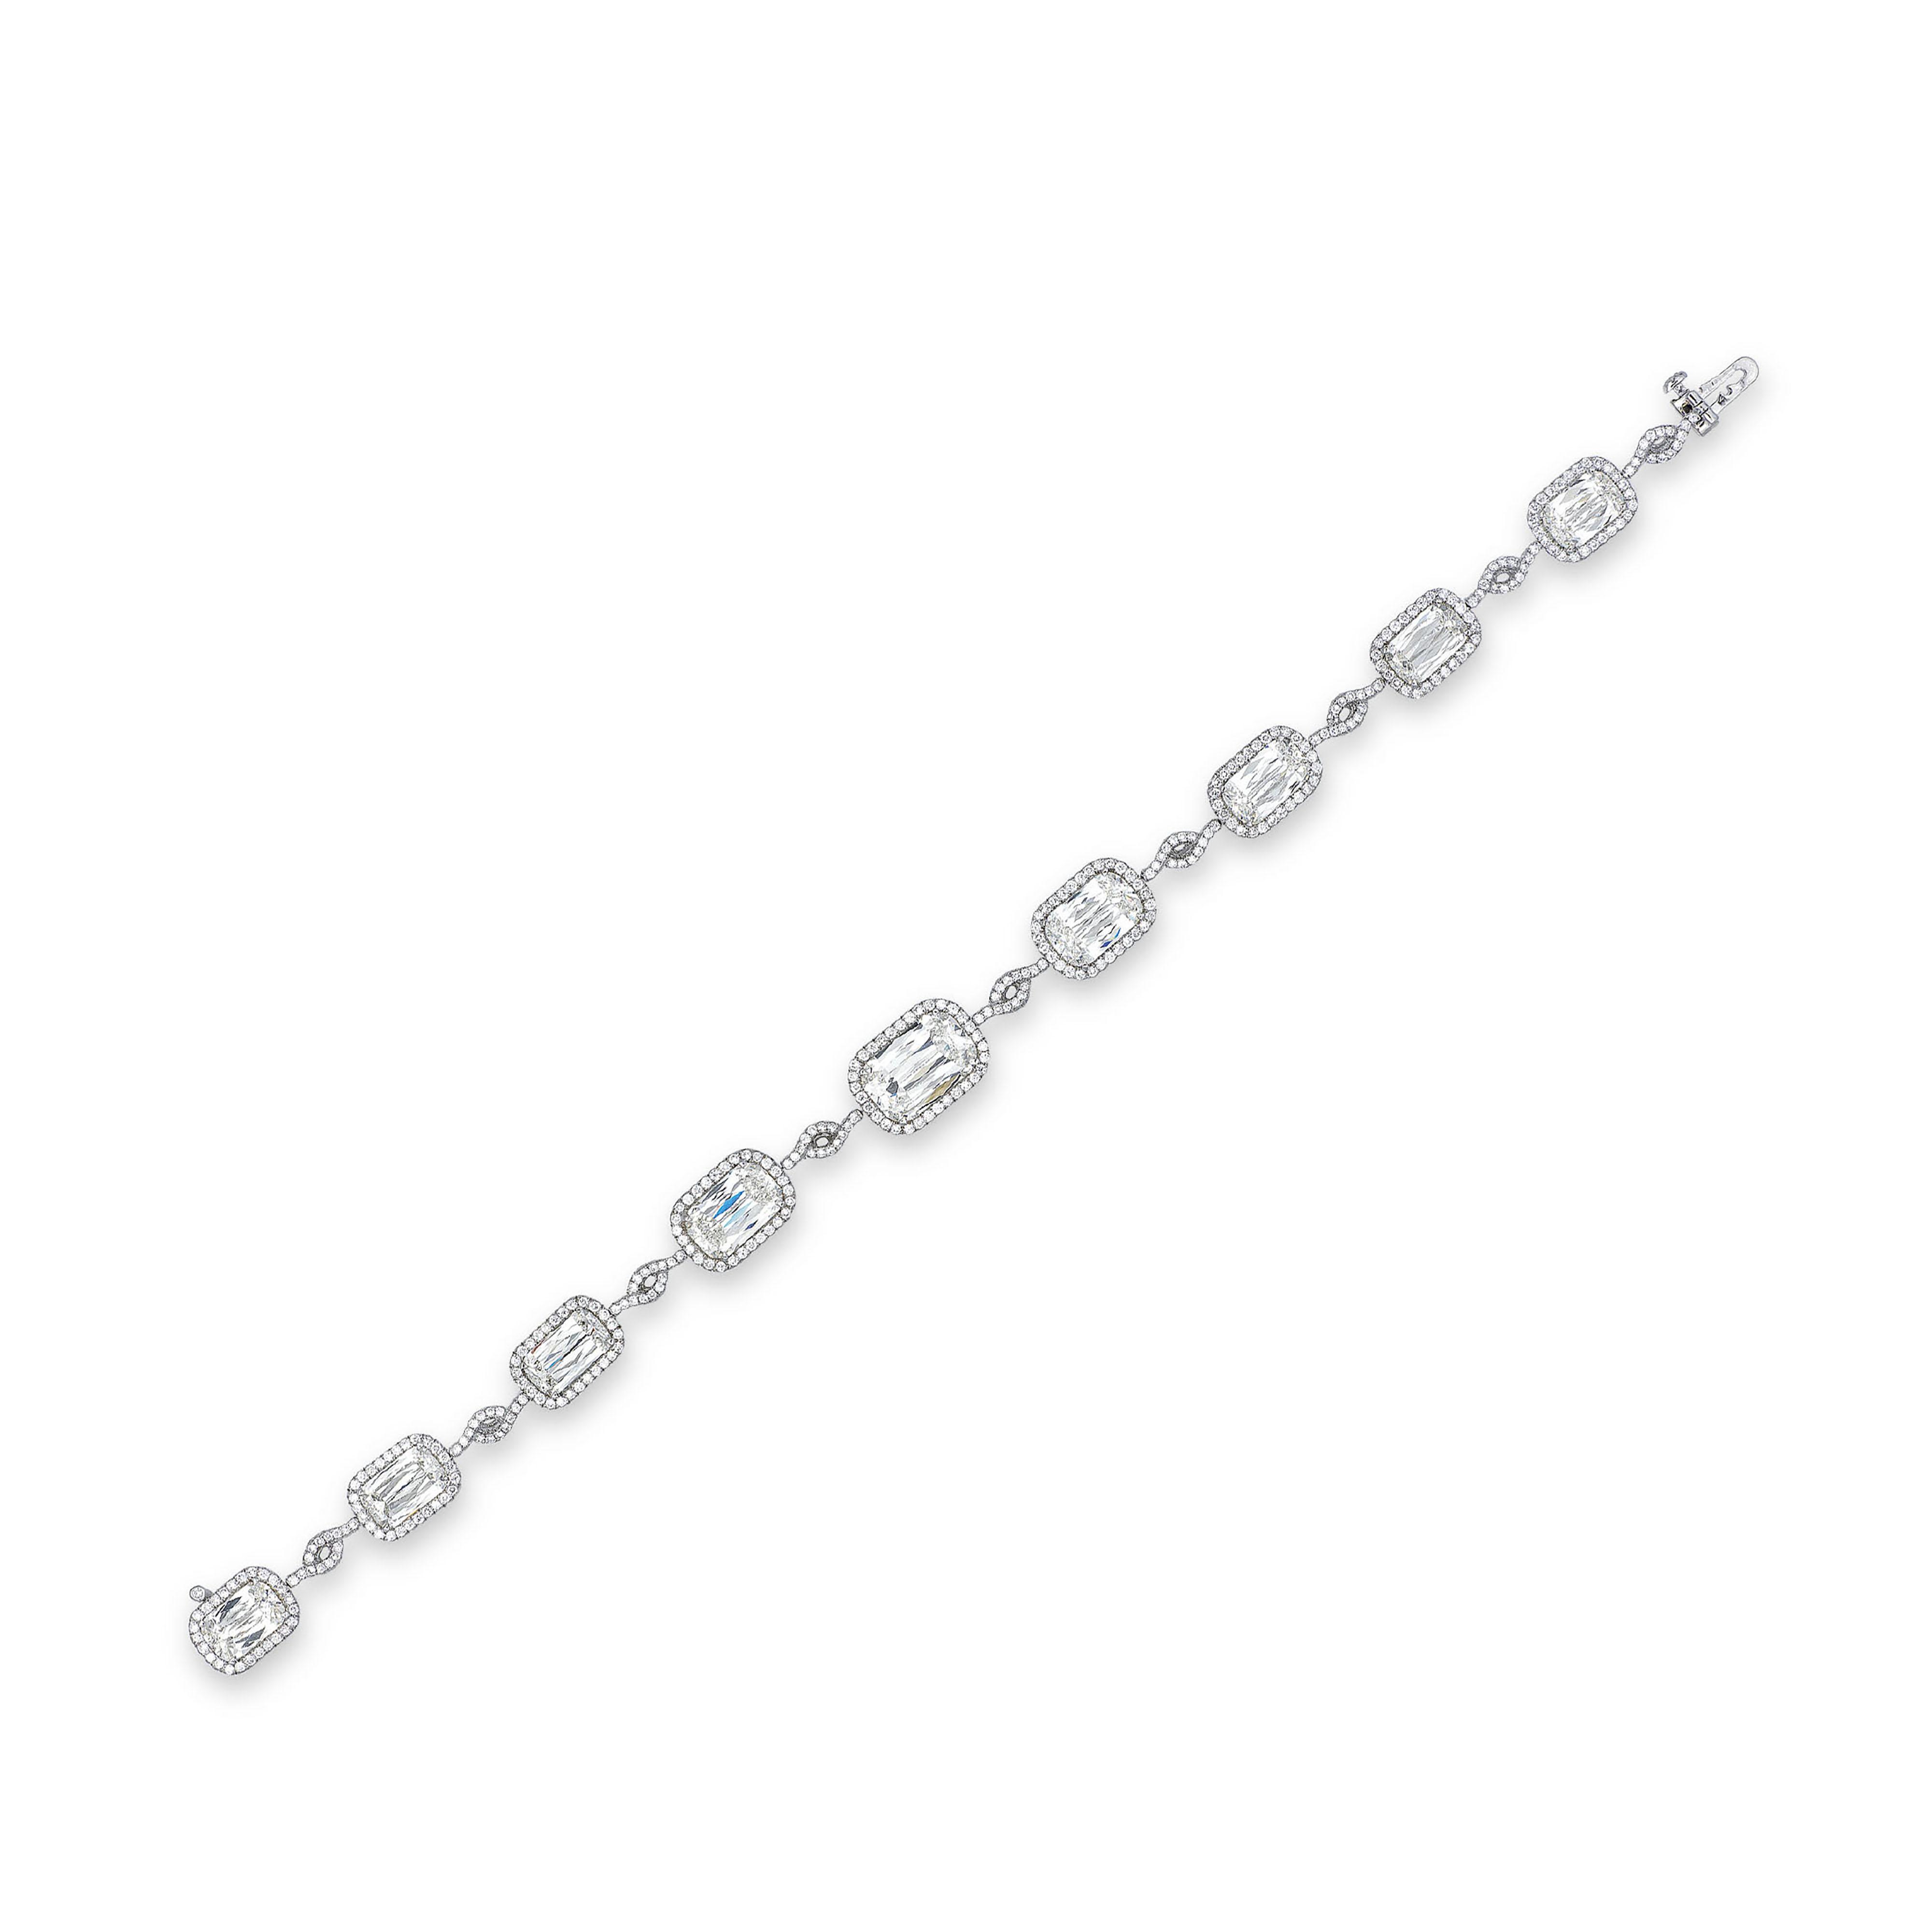 A DIAMOND BRACELET, BY WILLIAM